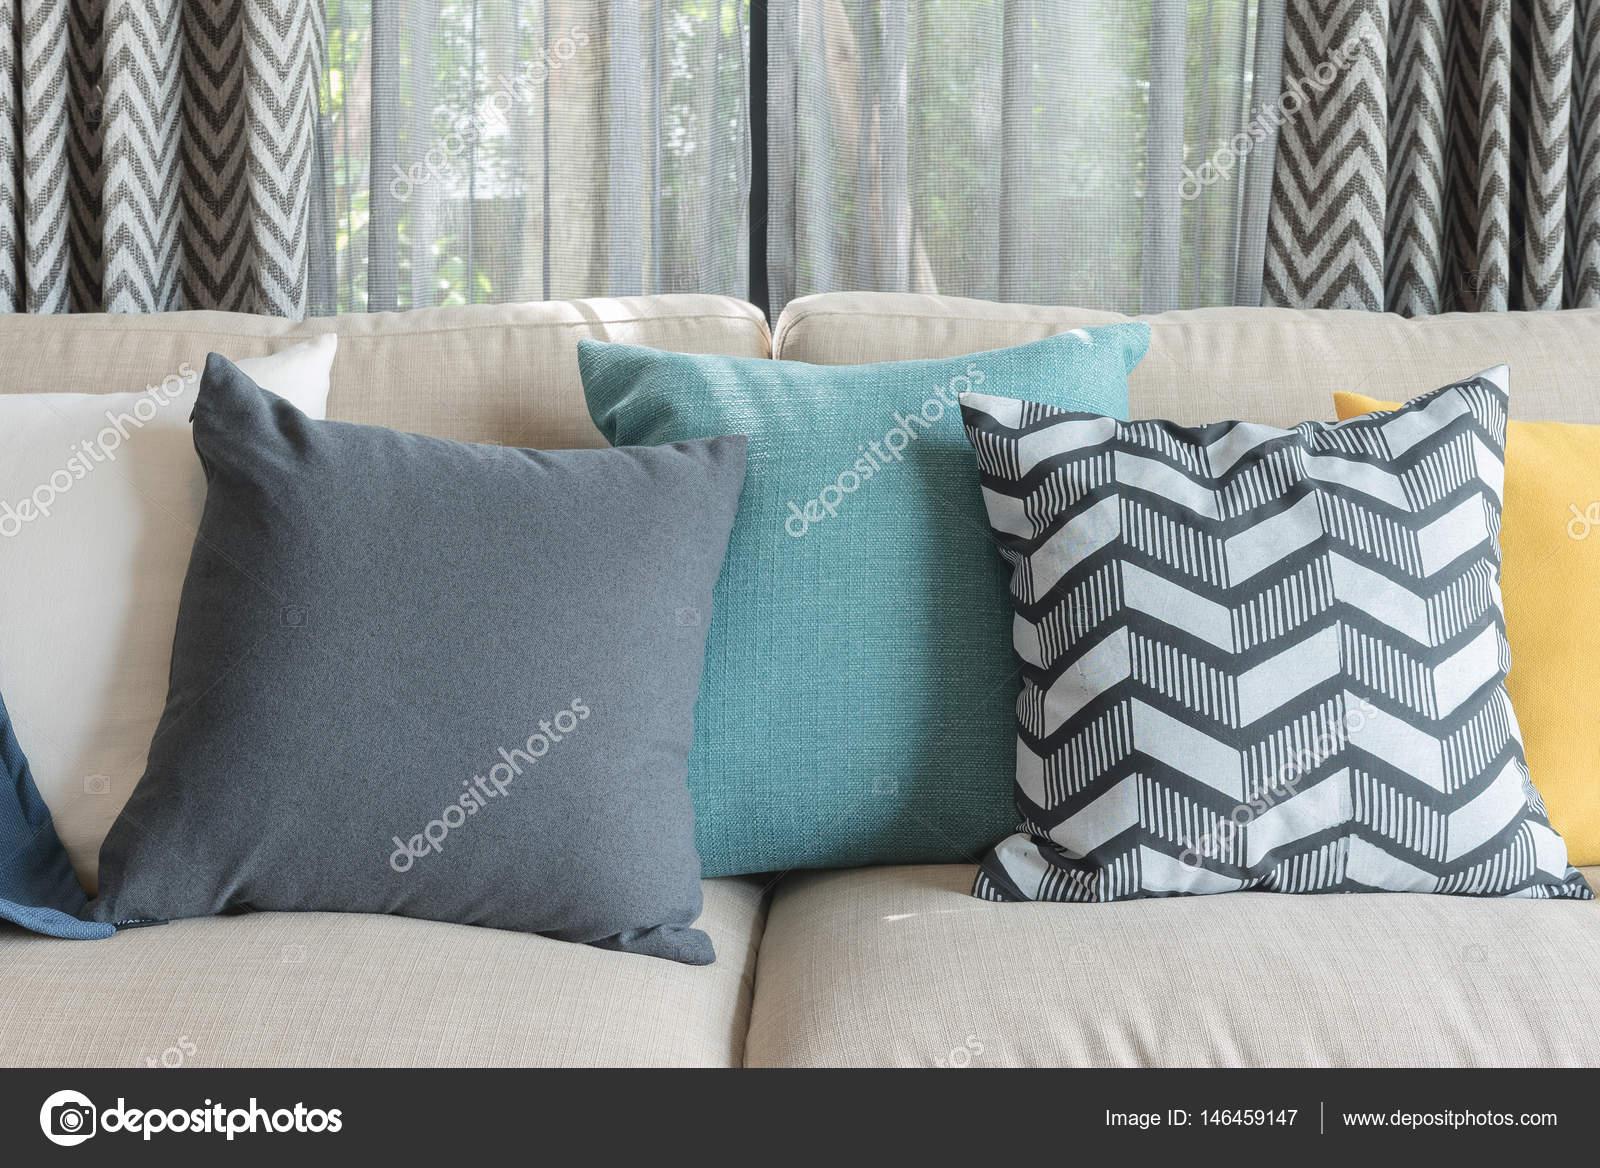 Bunte Kissen Auf Modernes Sofa In Blau Modernes Wohnzimmer Interior  Design Konzept U2014 Foto Von Khongkitwiriyachan